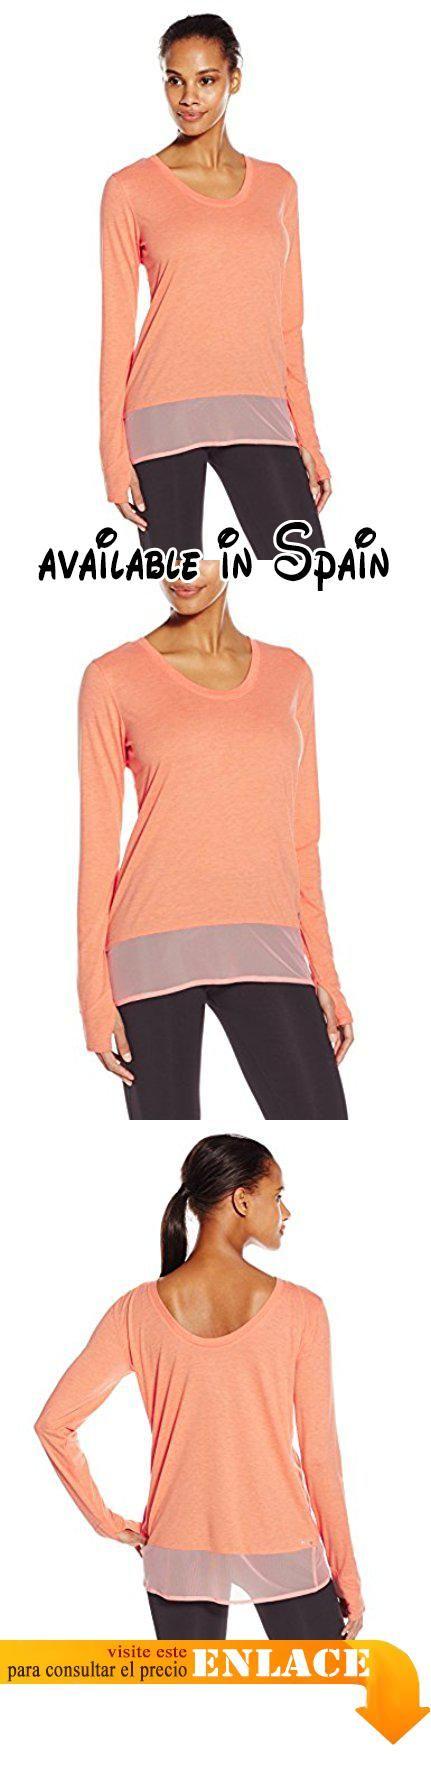 B0108OMCIU : adidas Performance mujer mixtos de la malla camiseta de manga larga Light Coverup - S16APW100 L Claro / rojo pastel . Fabricado para mayor comodidad.. Transpirabilidad. Fabricado para atletas